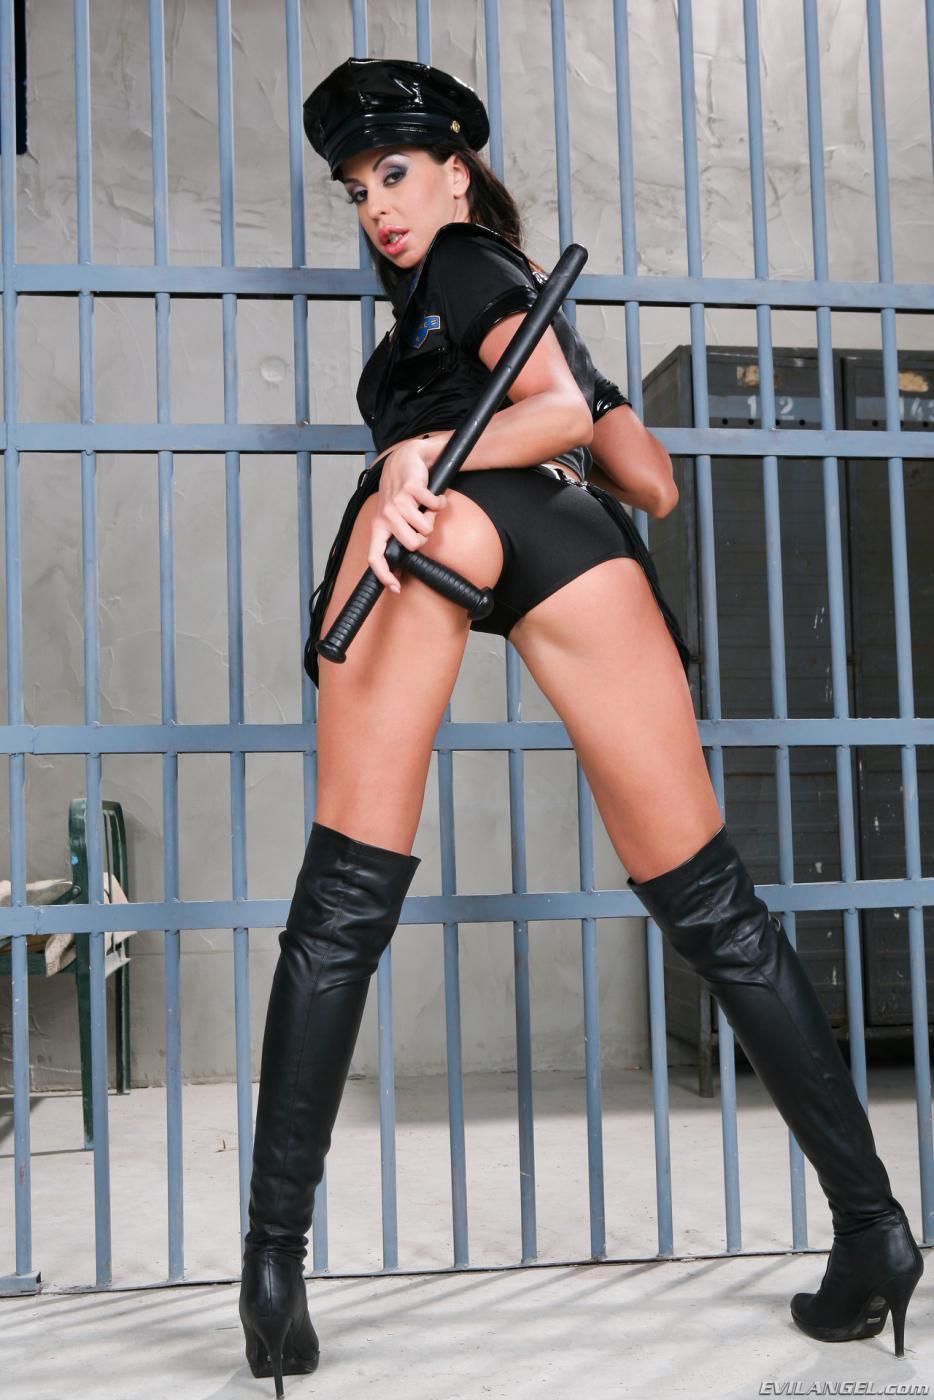 Сексуальная брюнетка в полицейской униформе Larissa Dee может соблазнить всех преступников